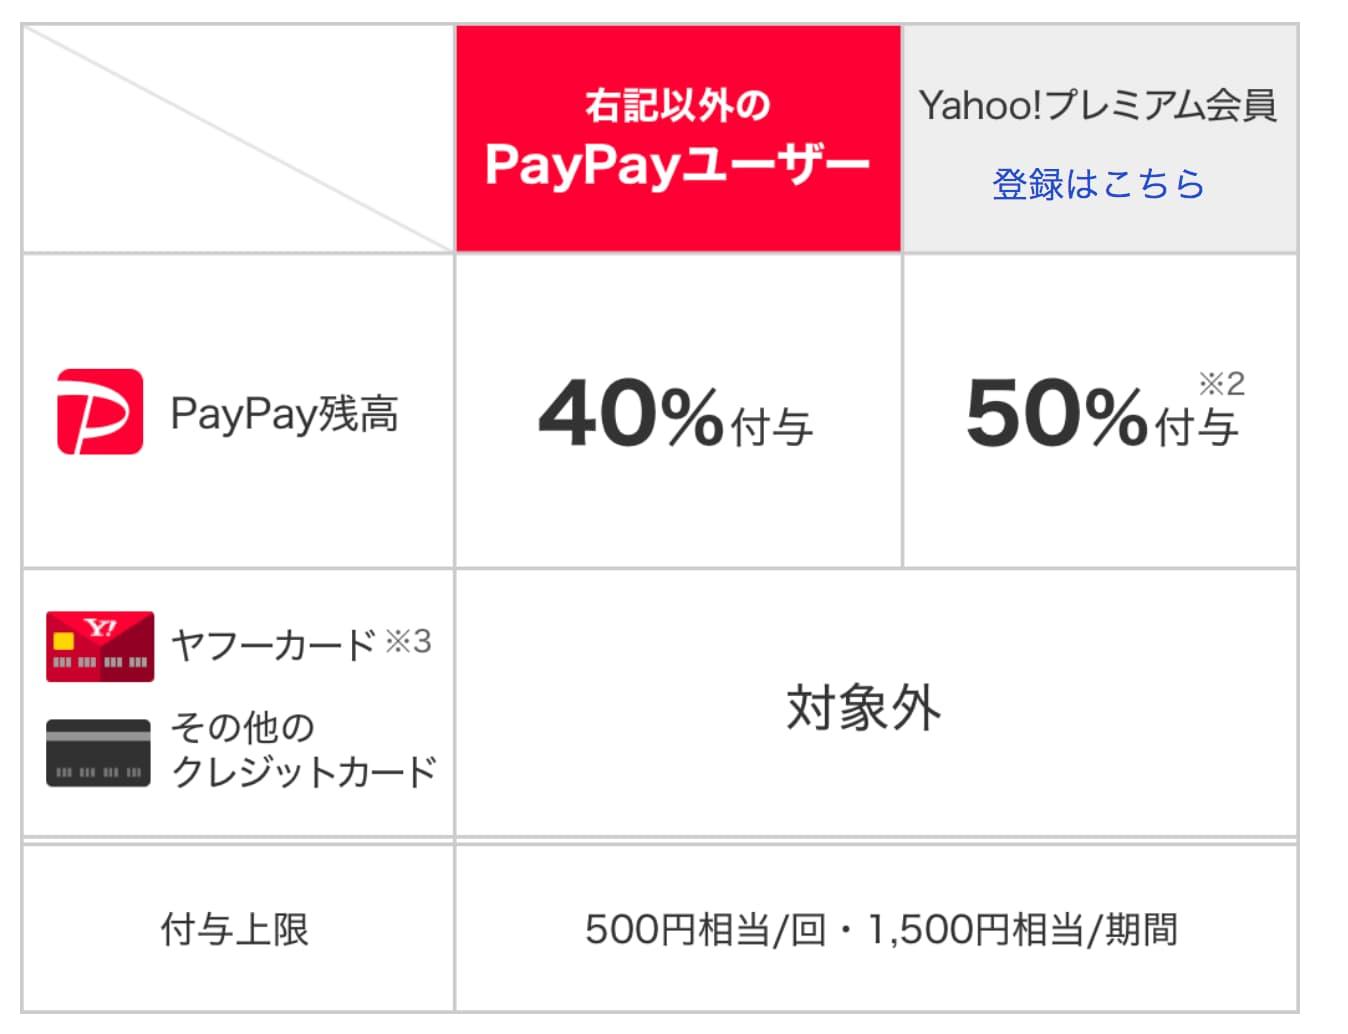 対象の飲食店でPayPay残高でのお支払いなら40%戻ってくるキャンペーン